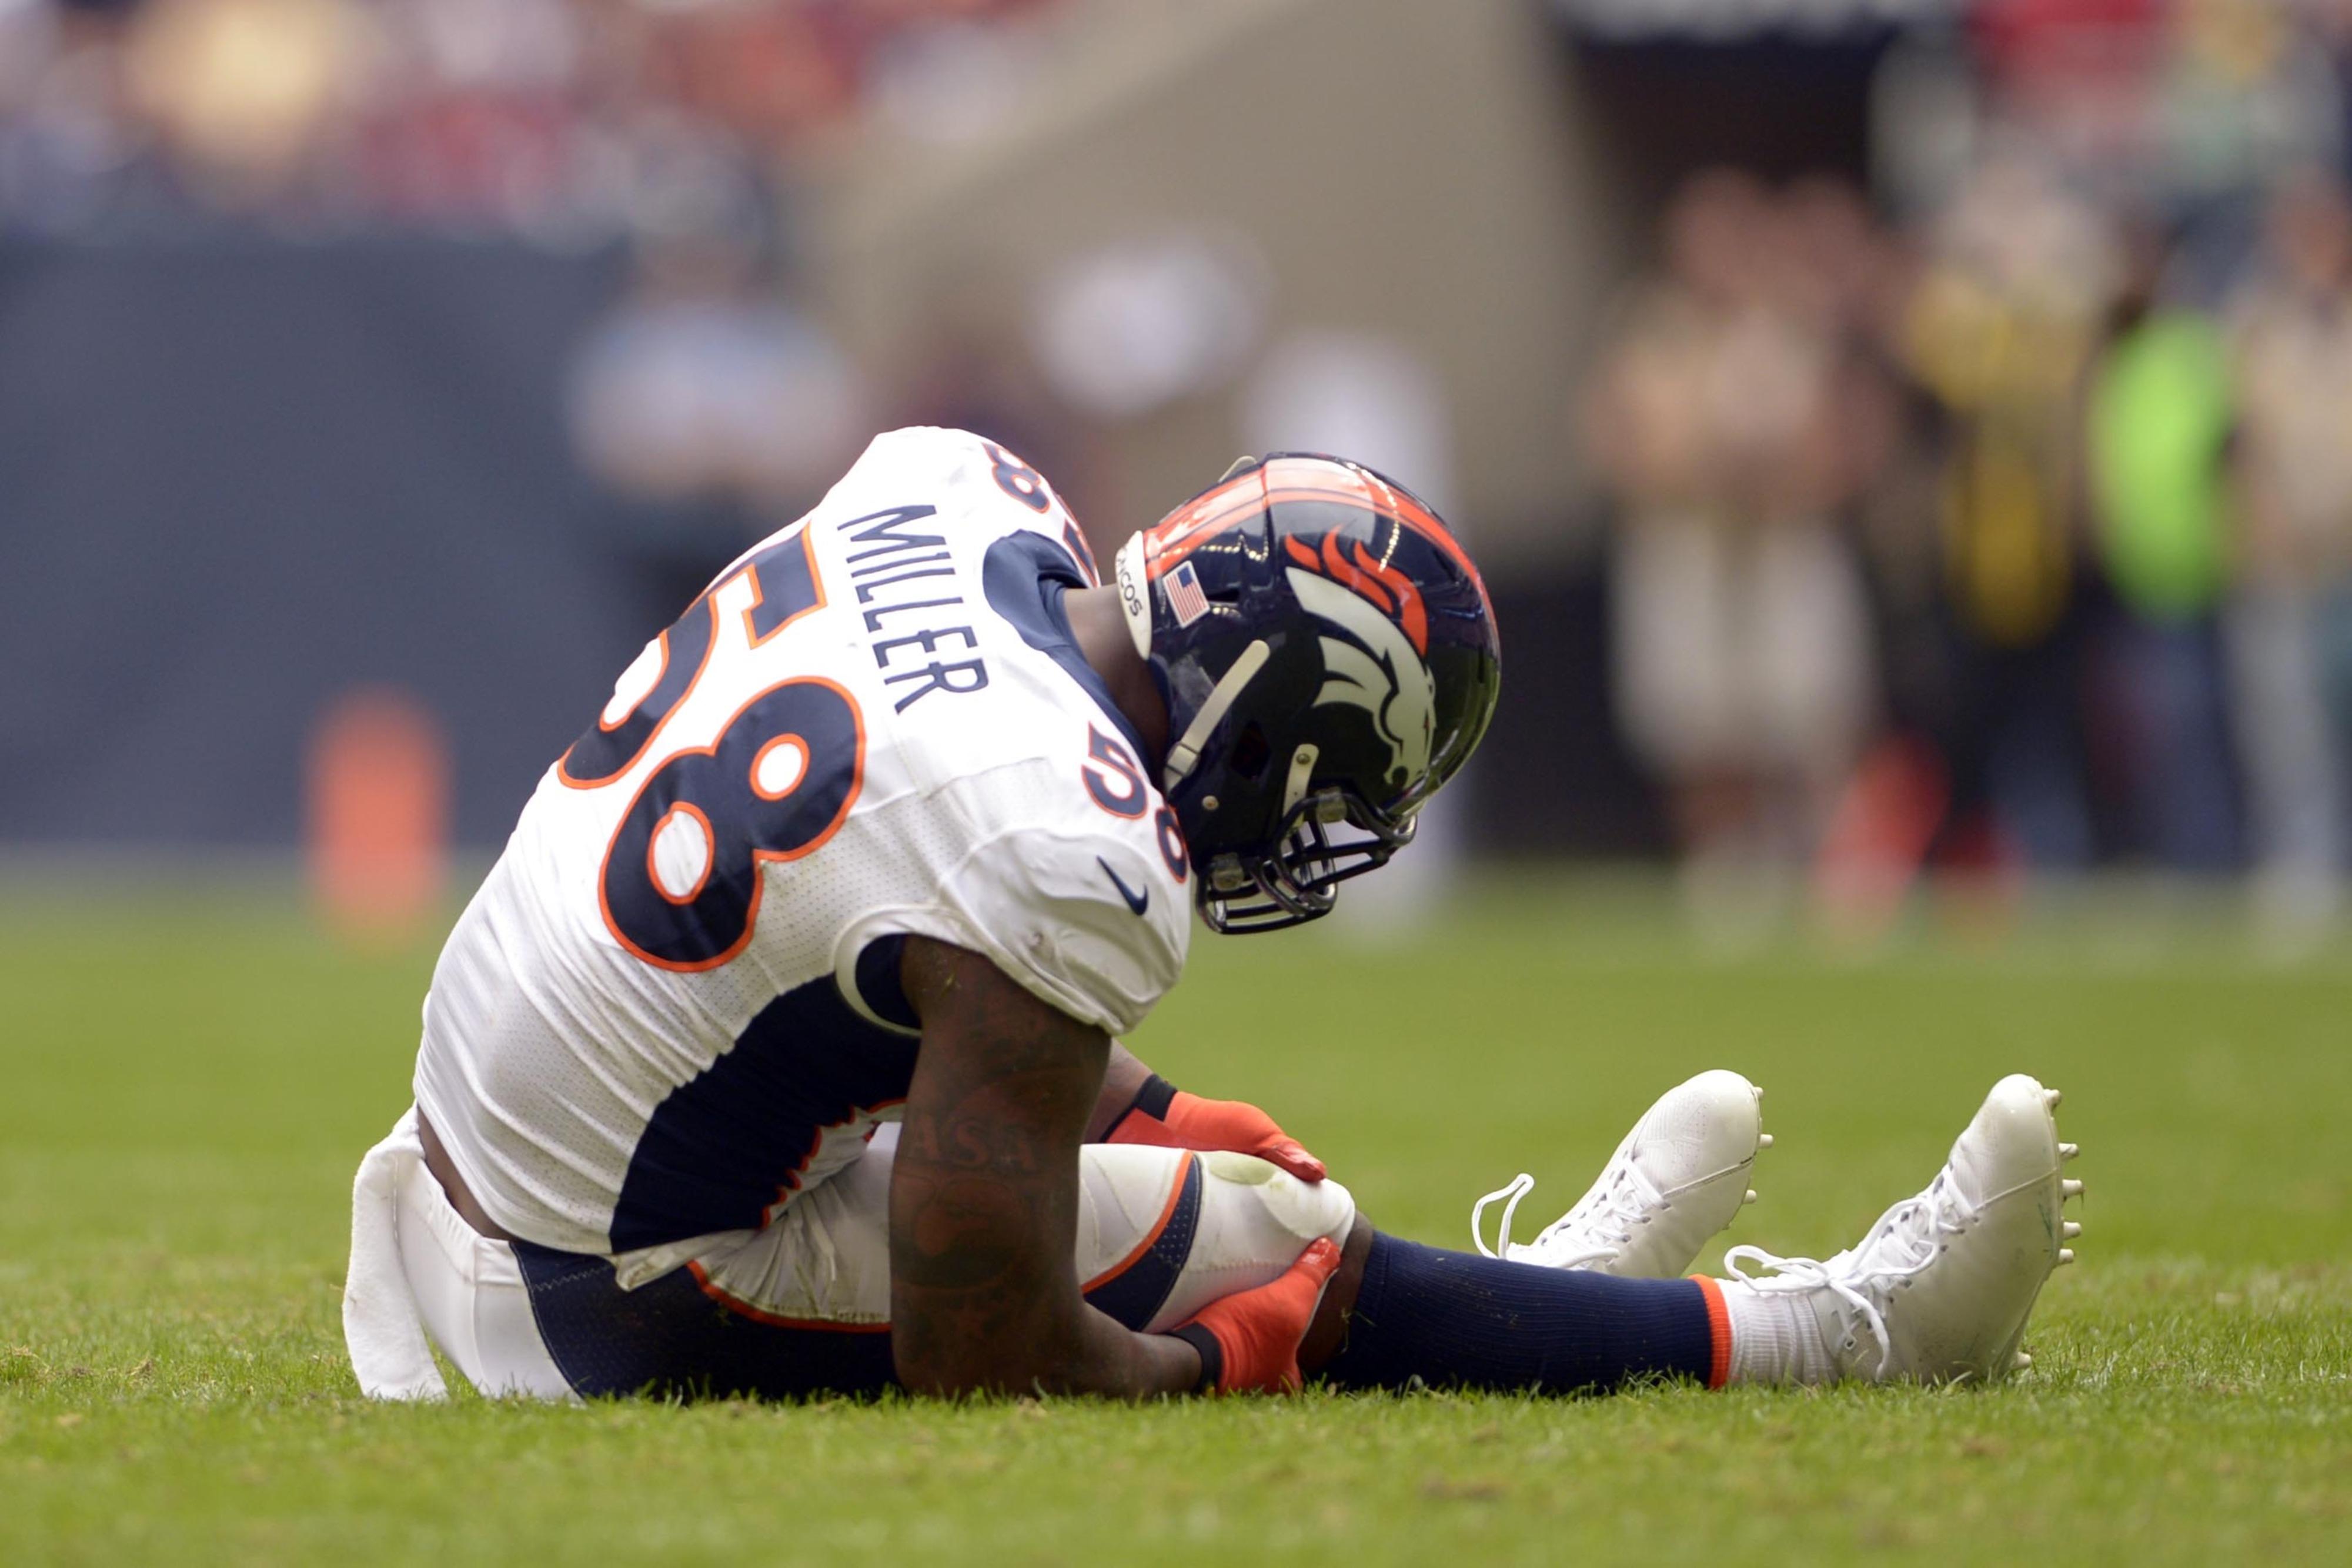 AFC West injuries, Week 16: Broncos lose Von Miller